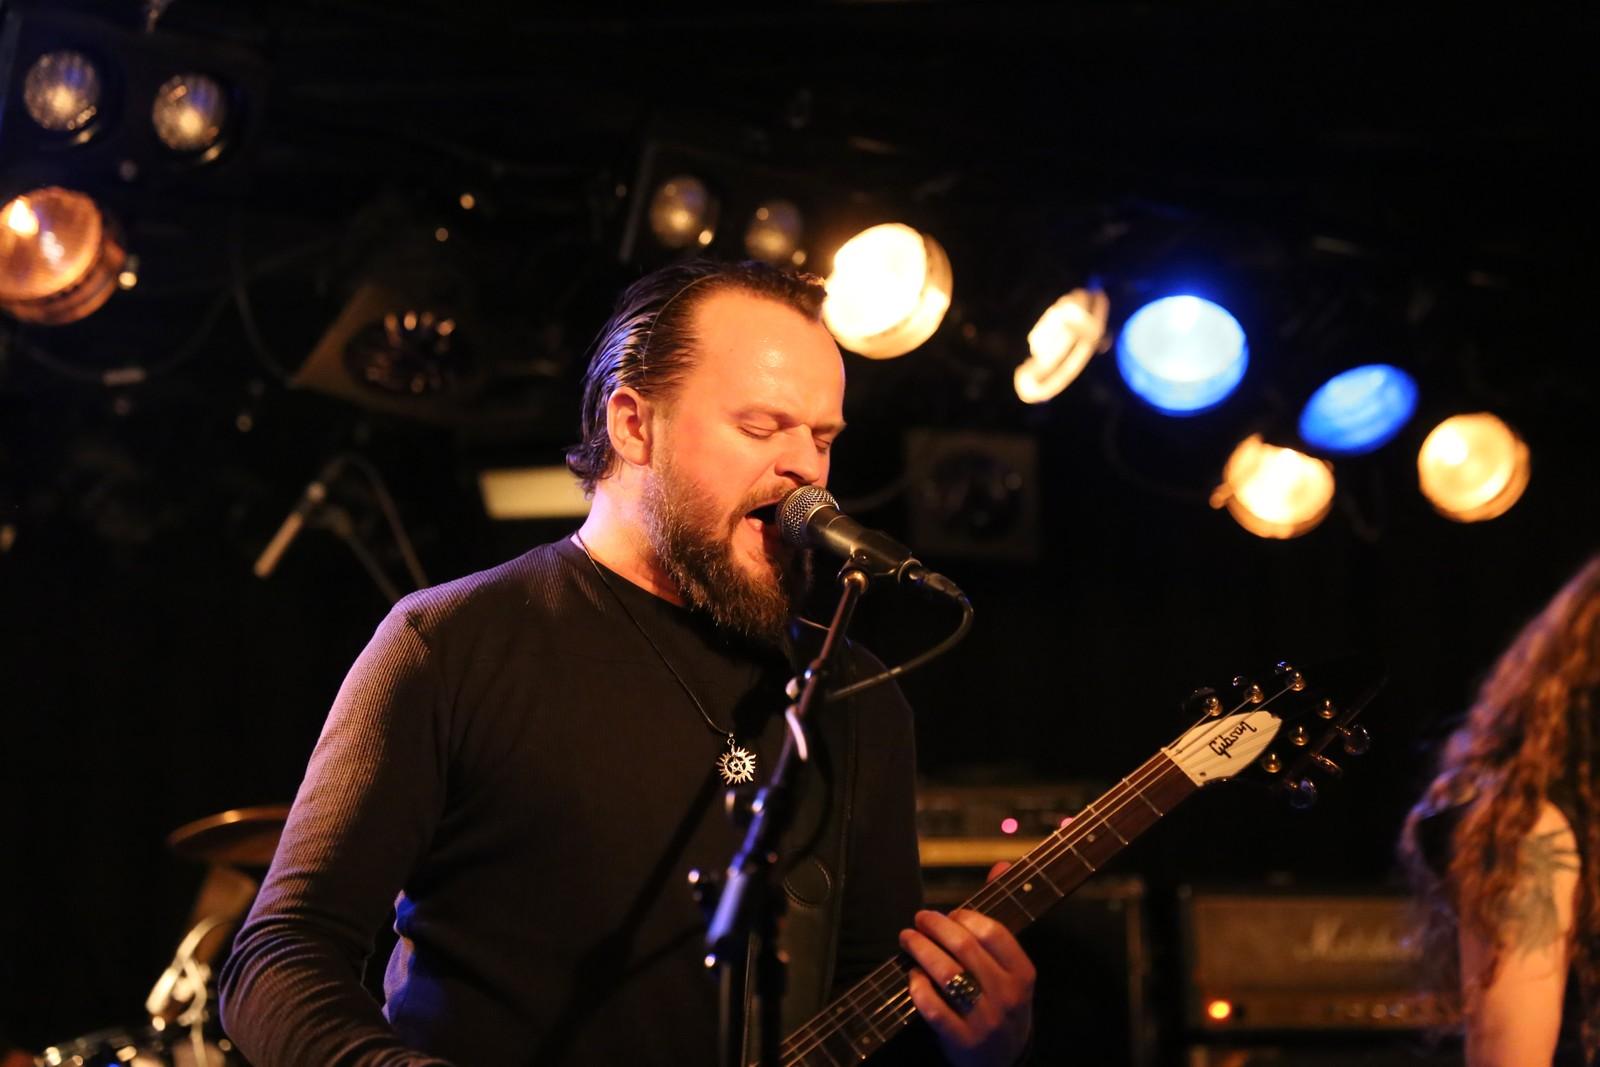 Olav Iversen er vokalist i Sahg. Han meiner Garage er ein unik plass i verdssamanheng.